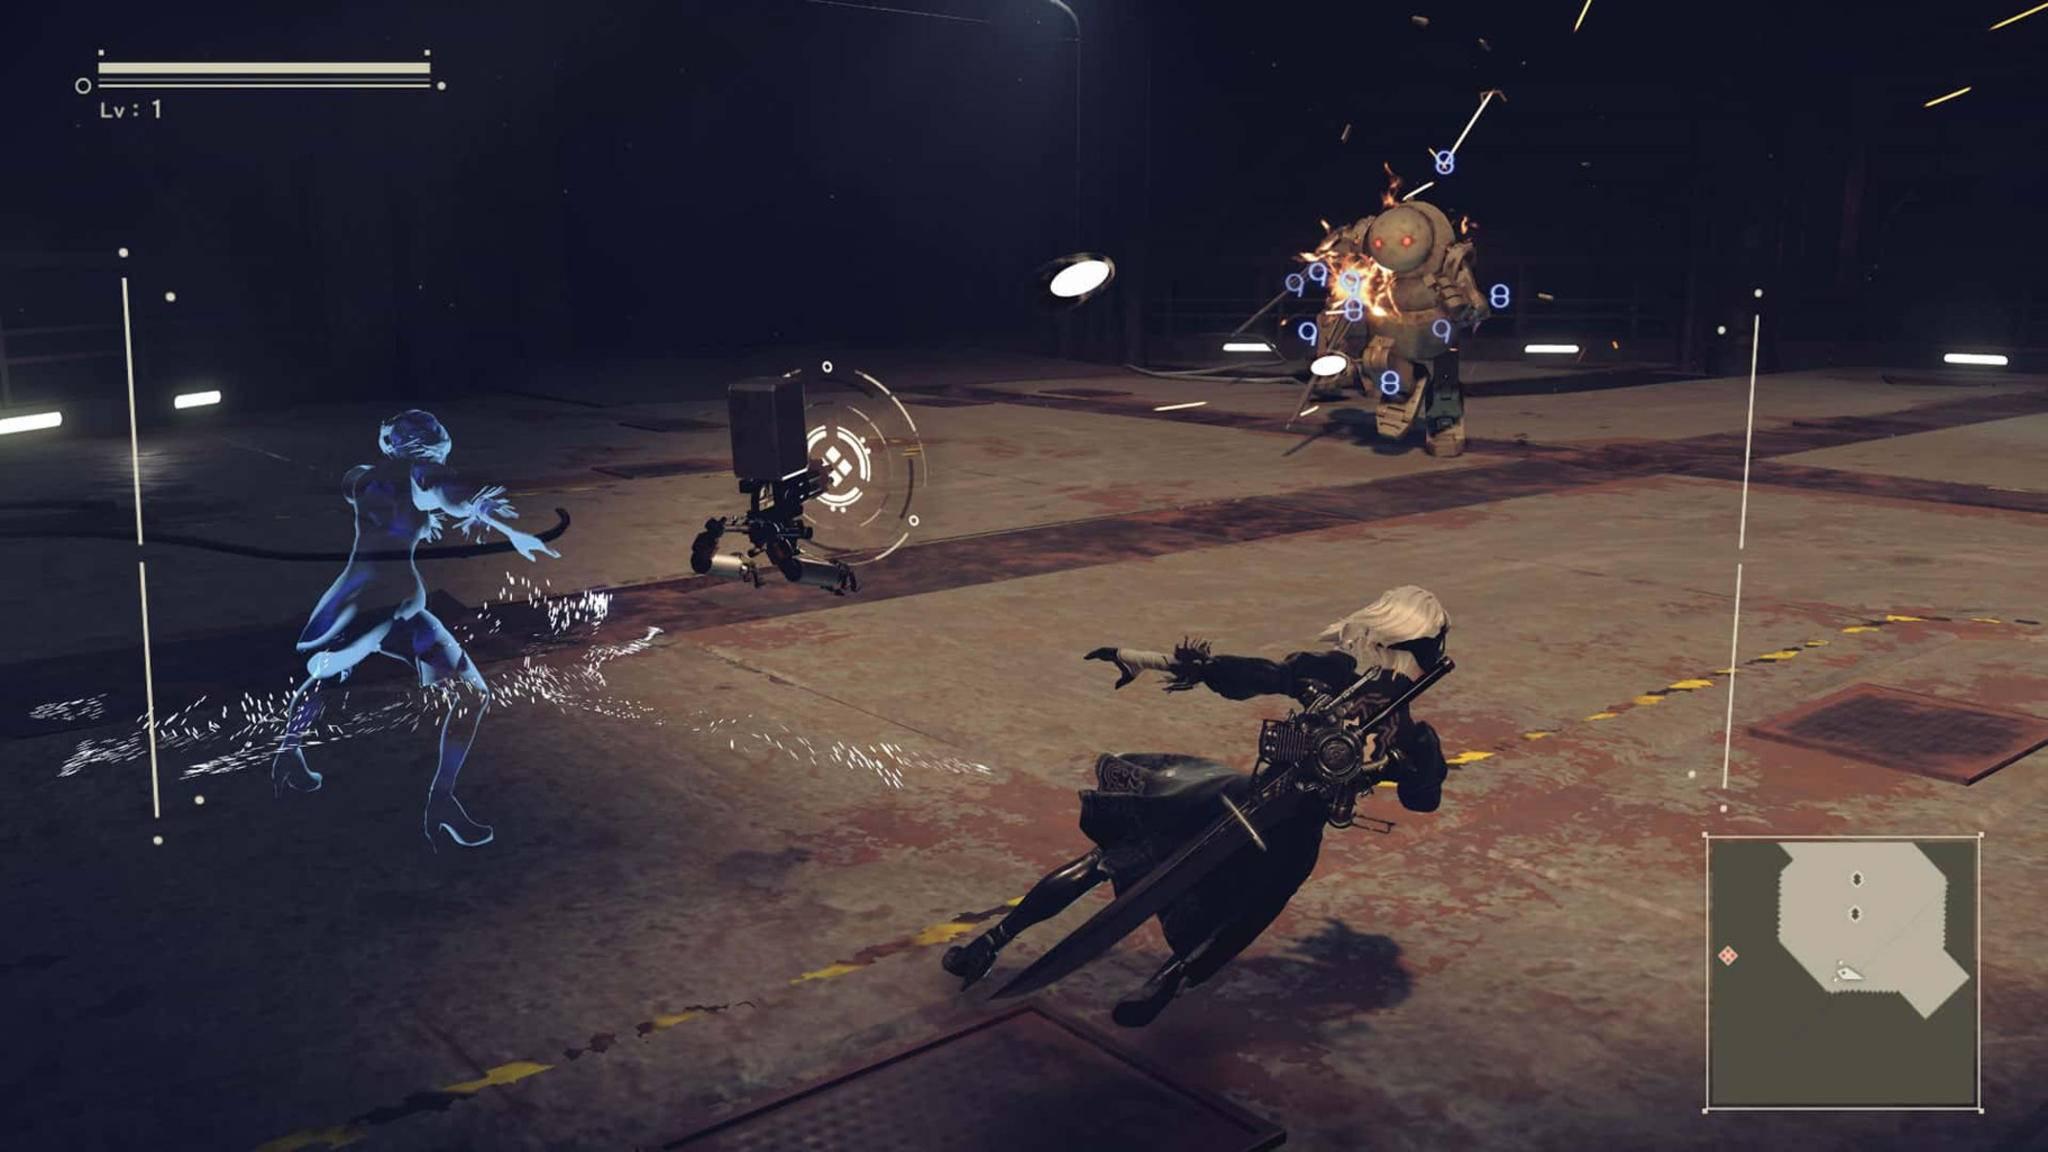 Das Kampfsystem verspricht viel Action.